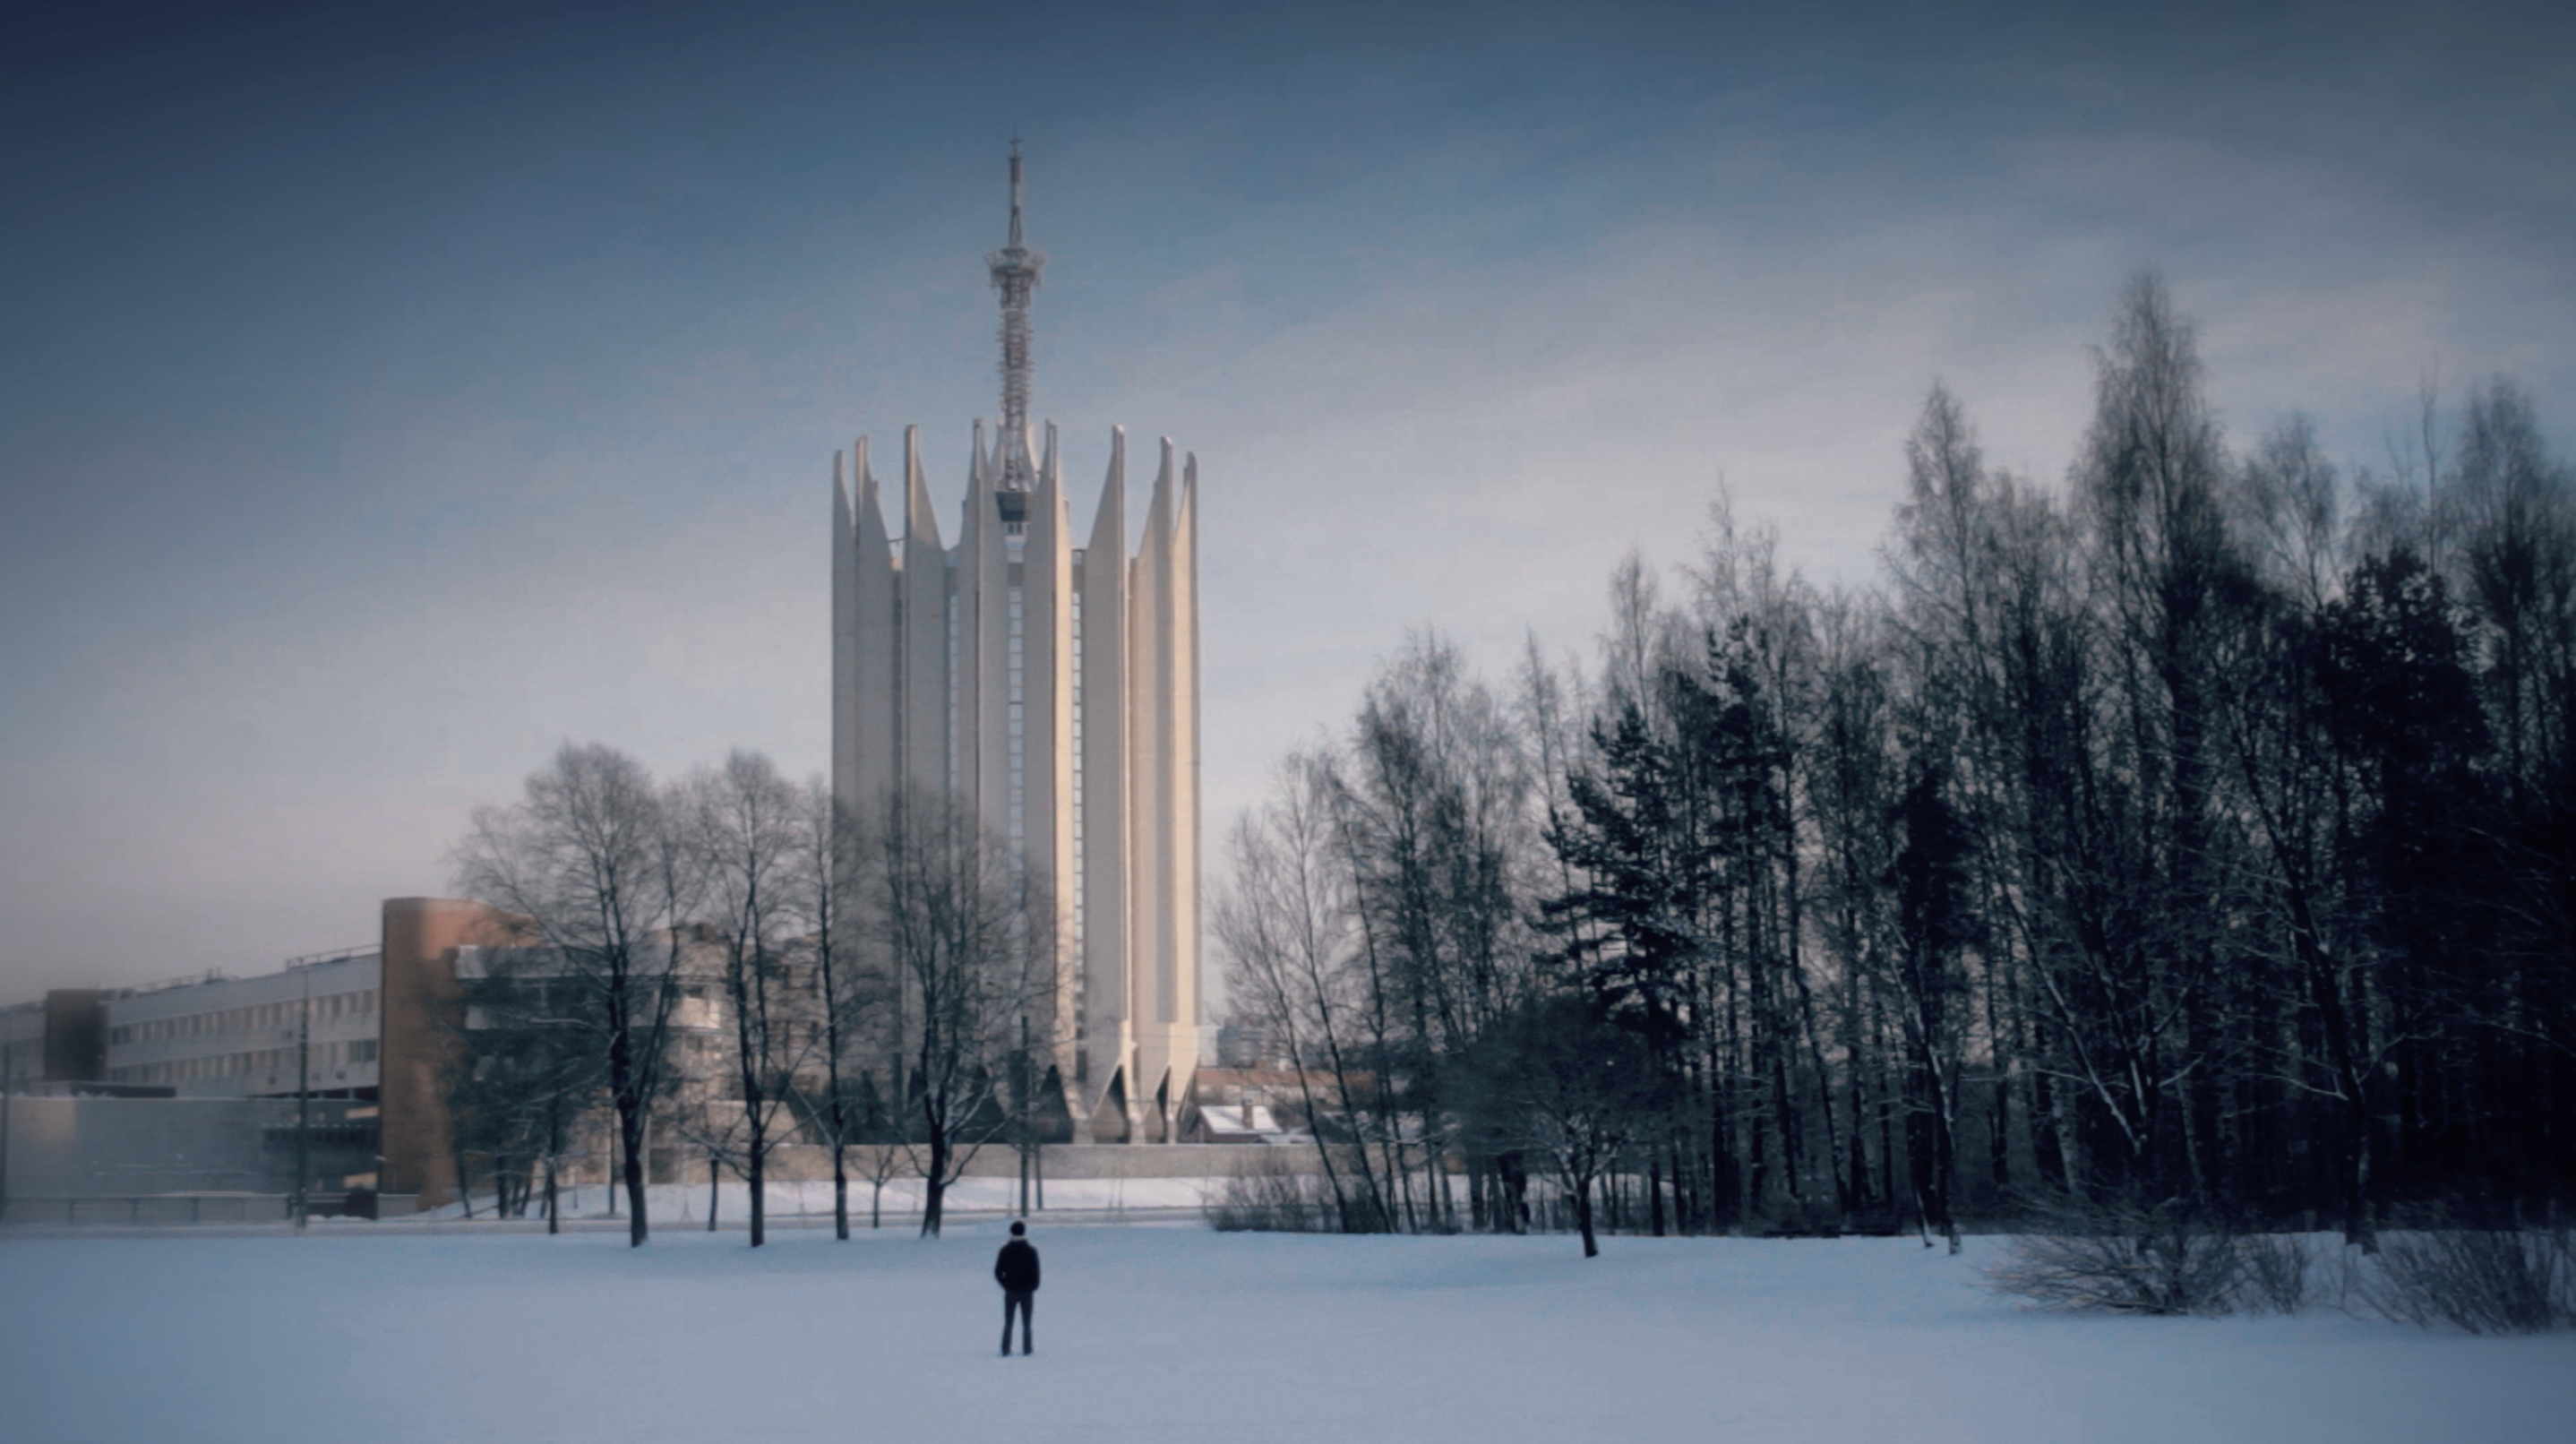 Meeting the past — Alexander Anisimov, Margarita Lysenko, Tatyana Zhukovat, 2016